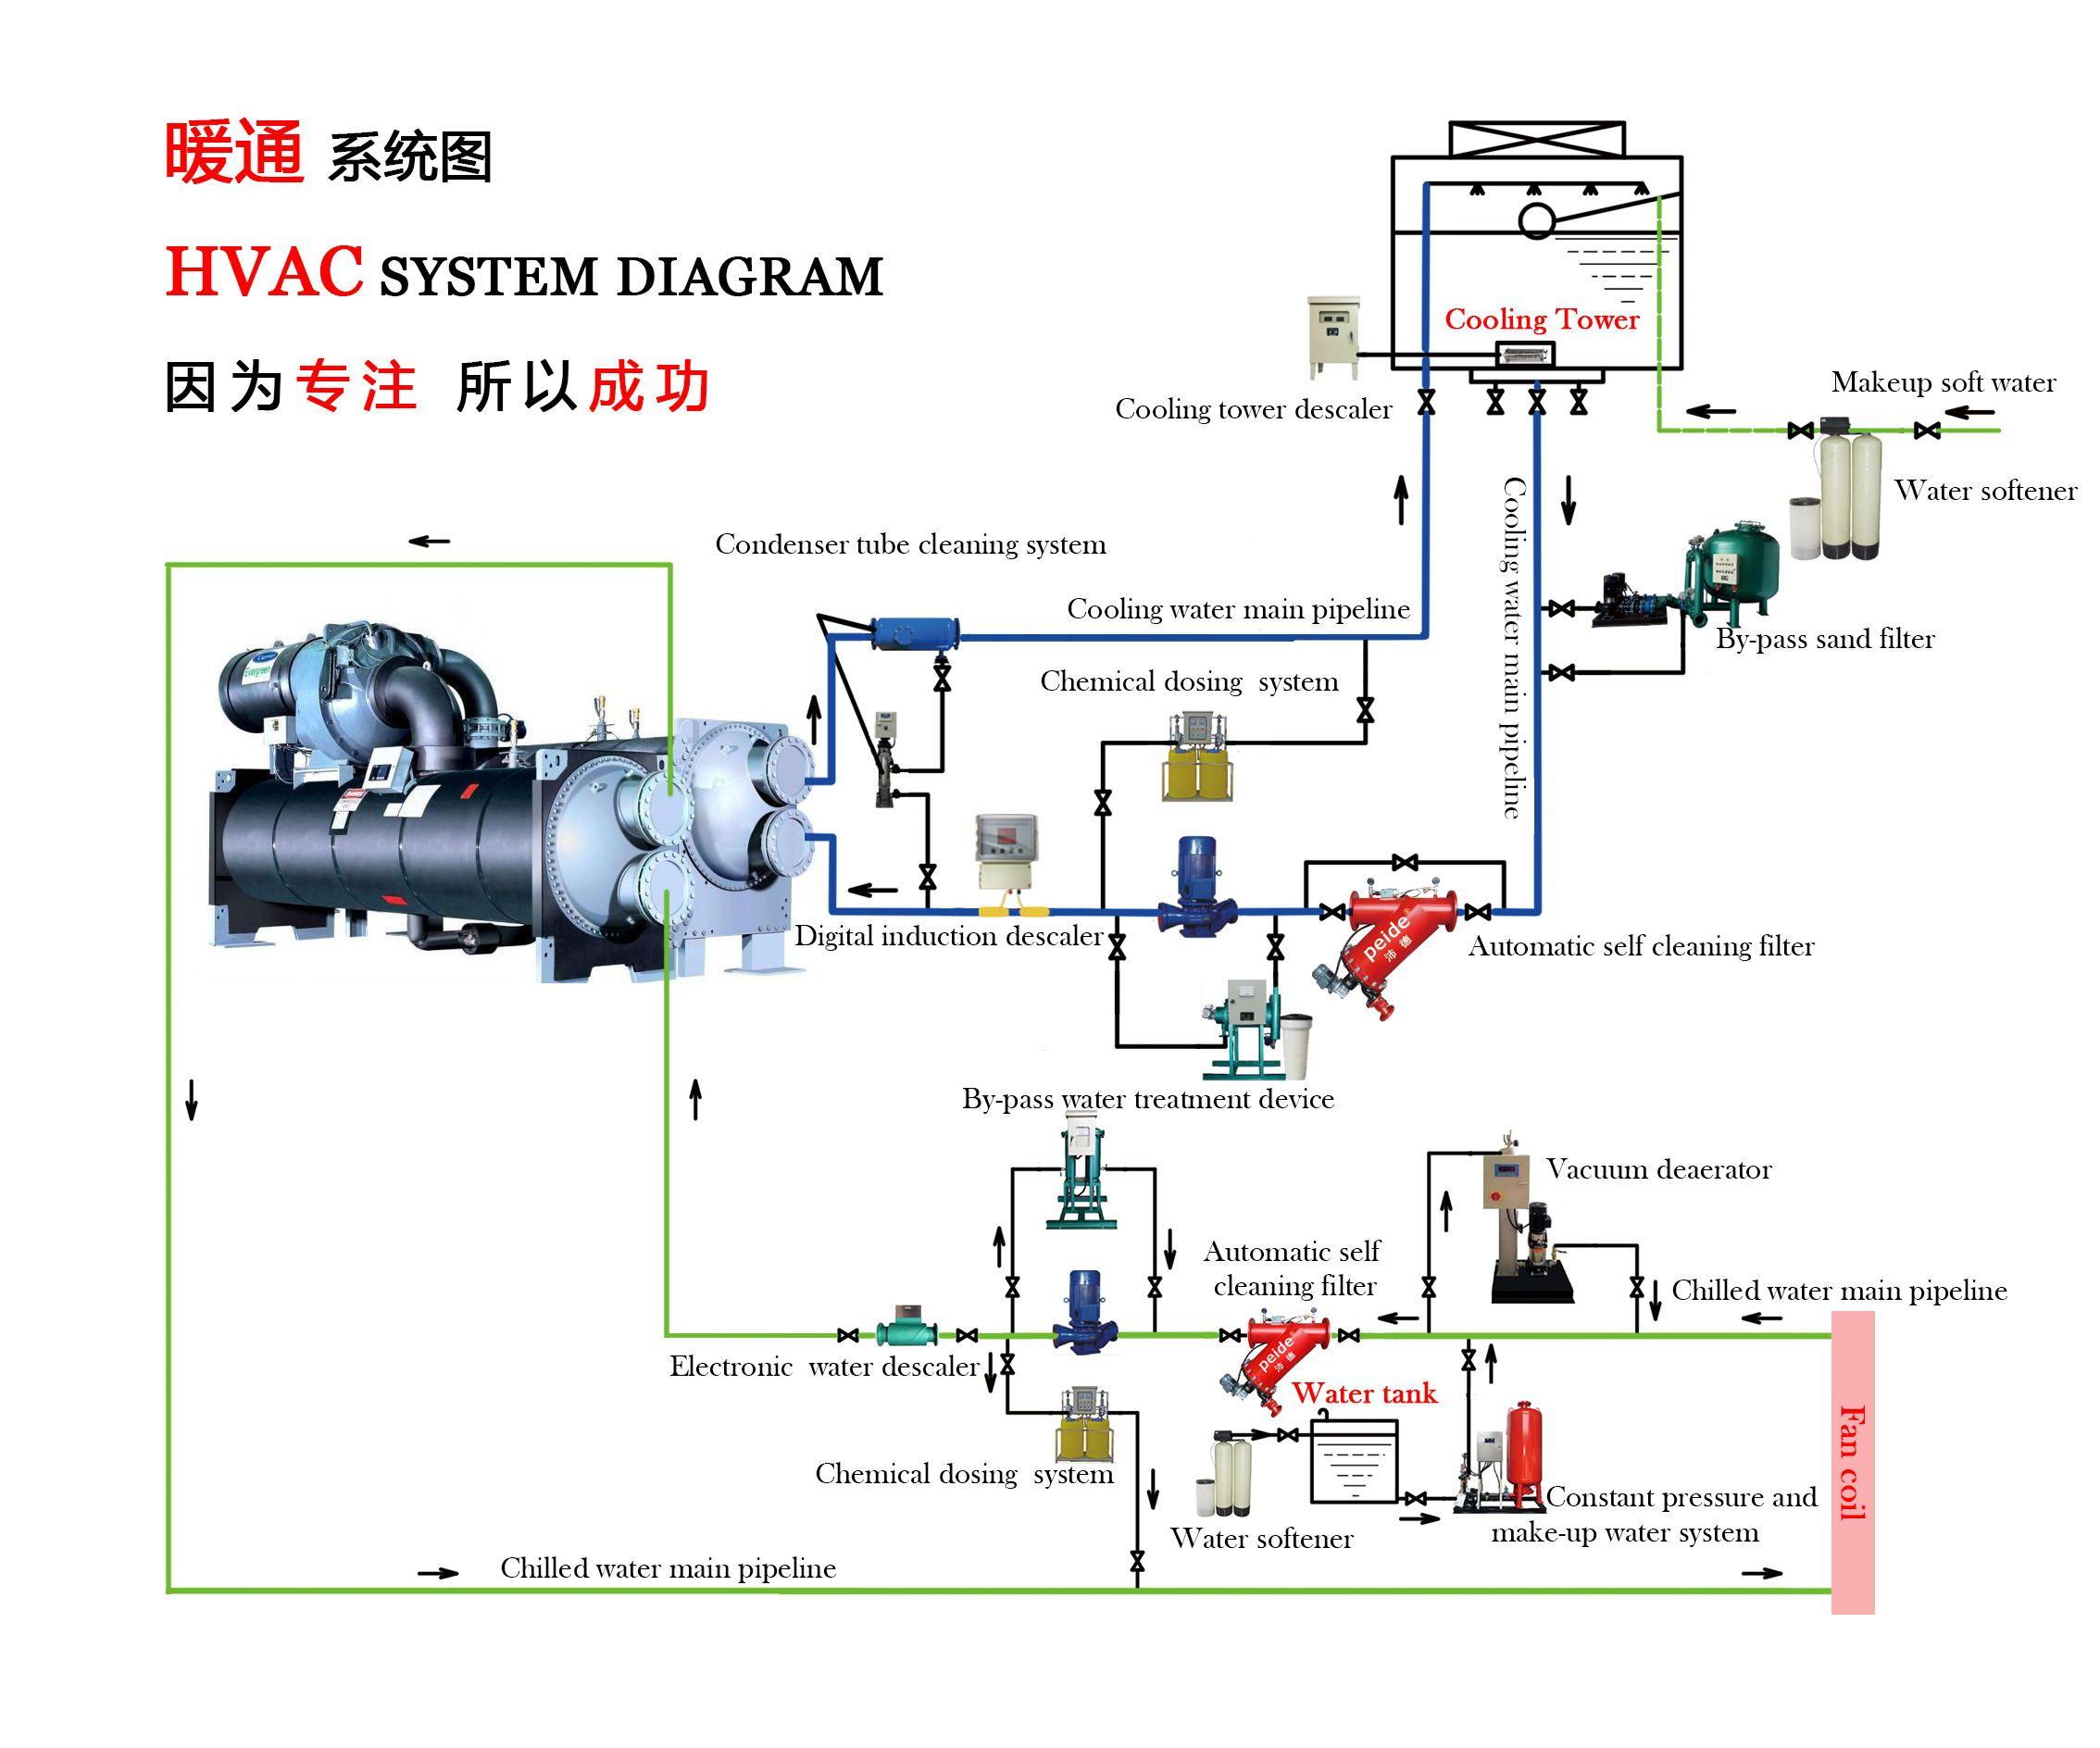 Hvac System Diagram Hvac system, Hvac, Hvac air conditioning